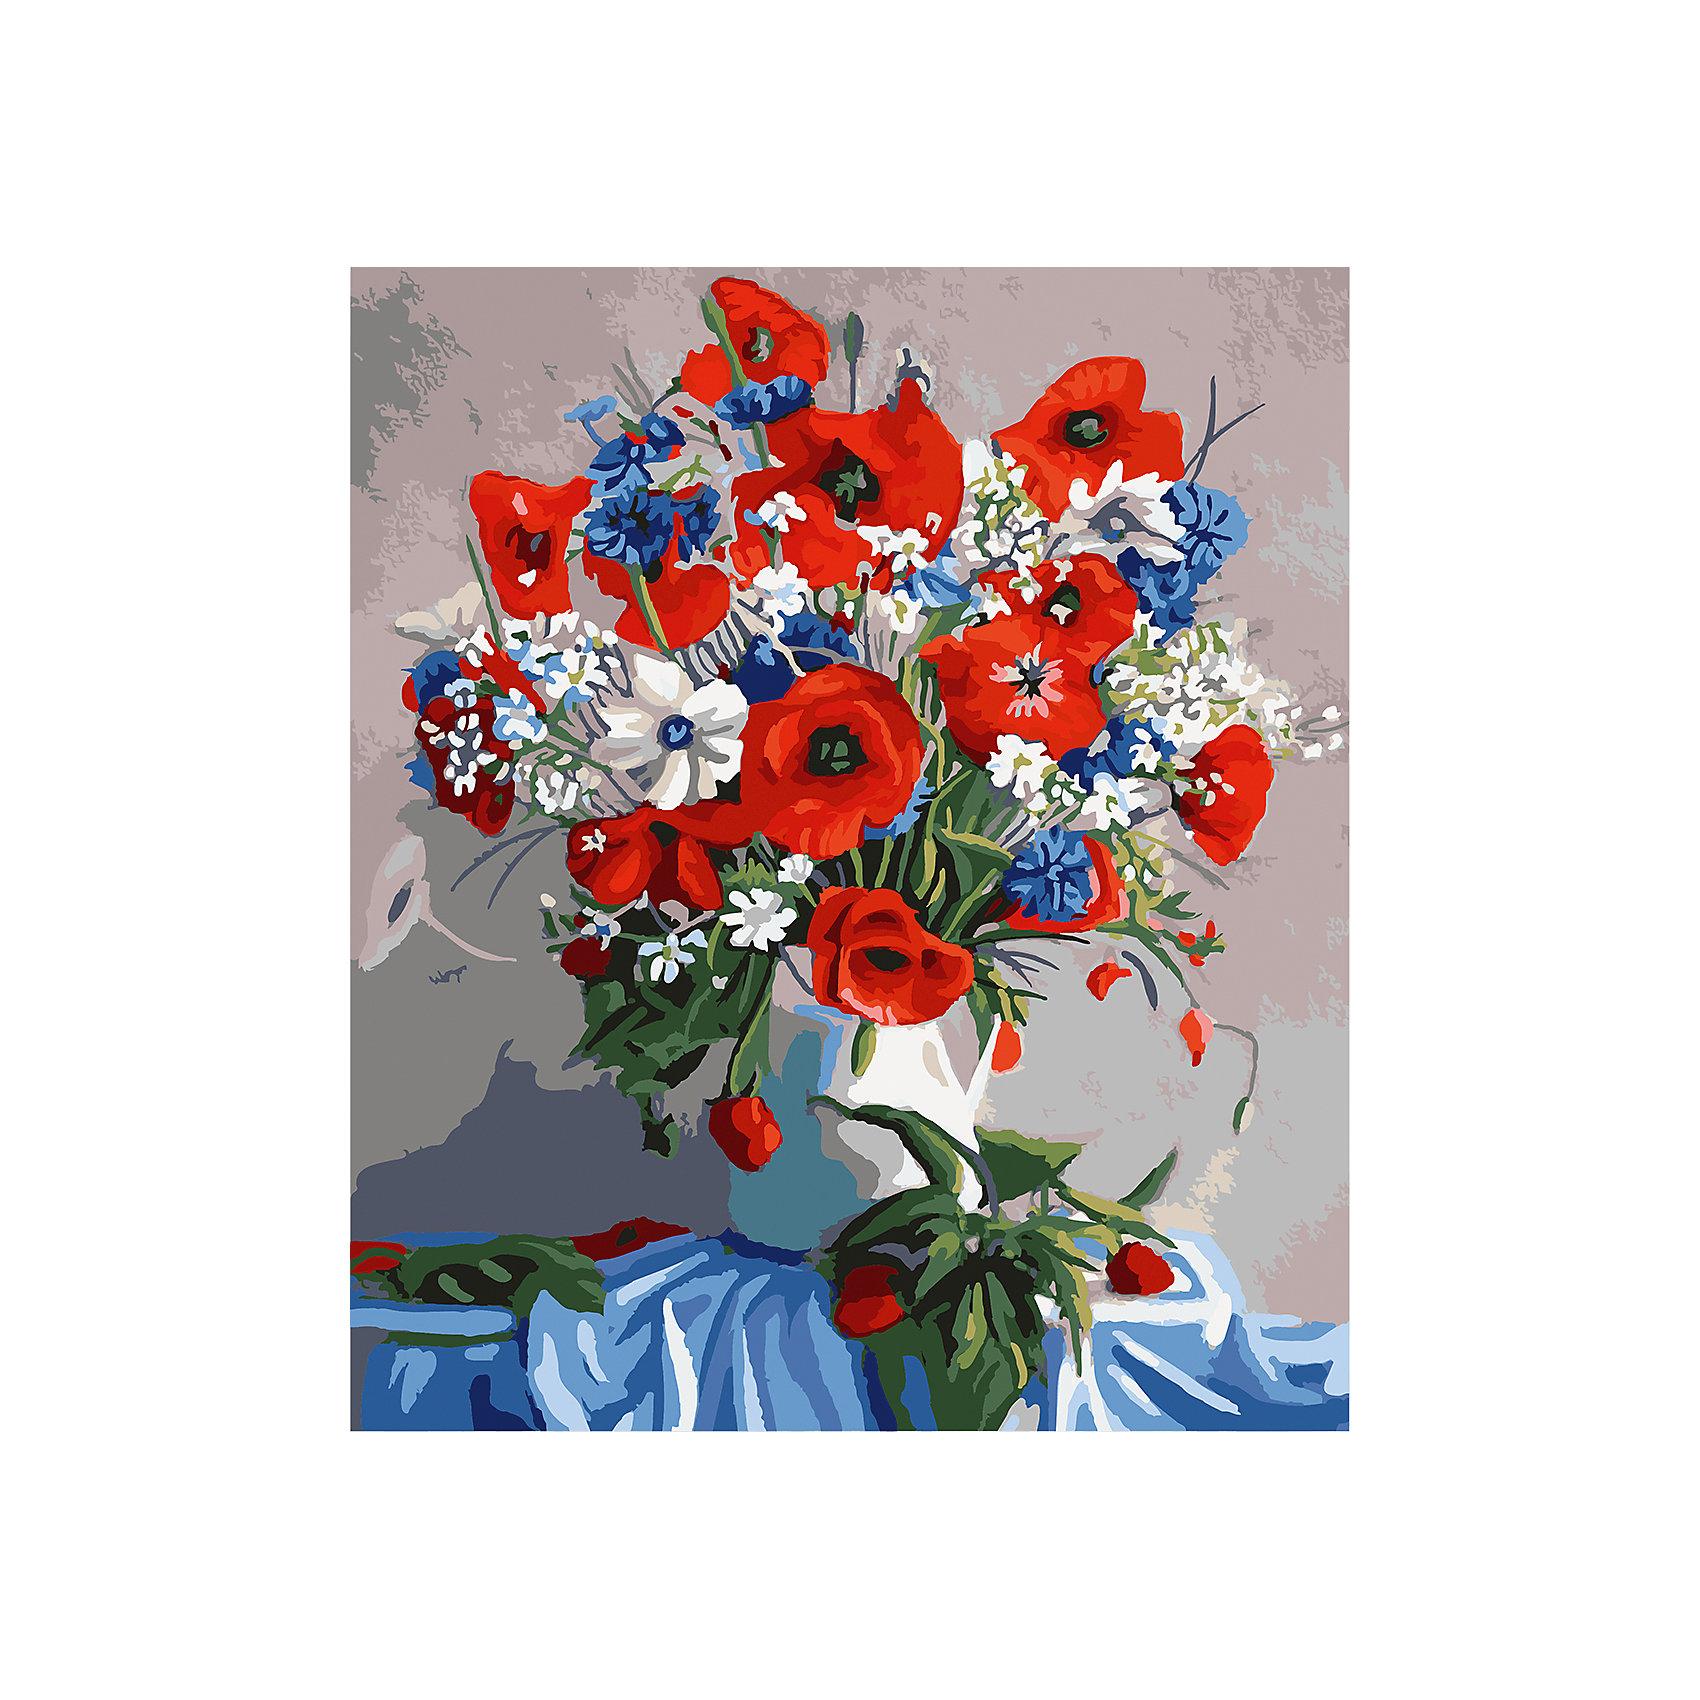 TUKZAR Роспись по номерам Букет 40*50 см наборы для рисования цветной картины по номерам букет розовых цветов